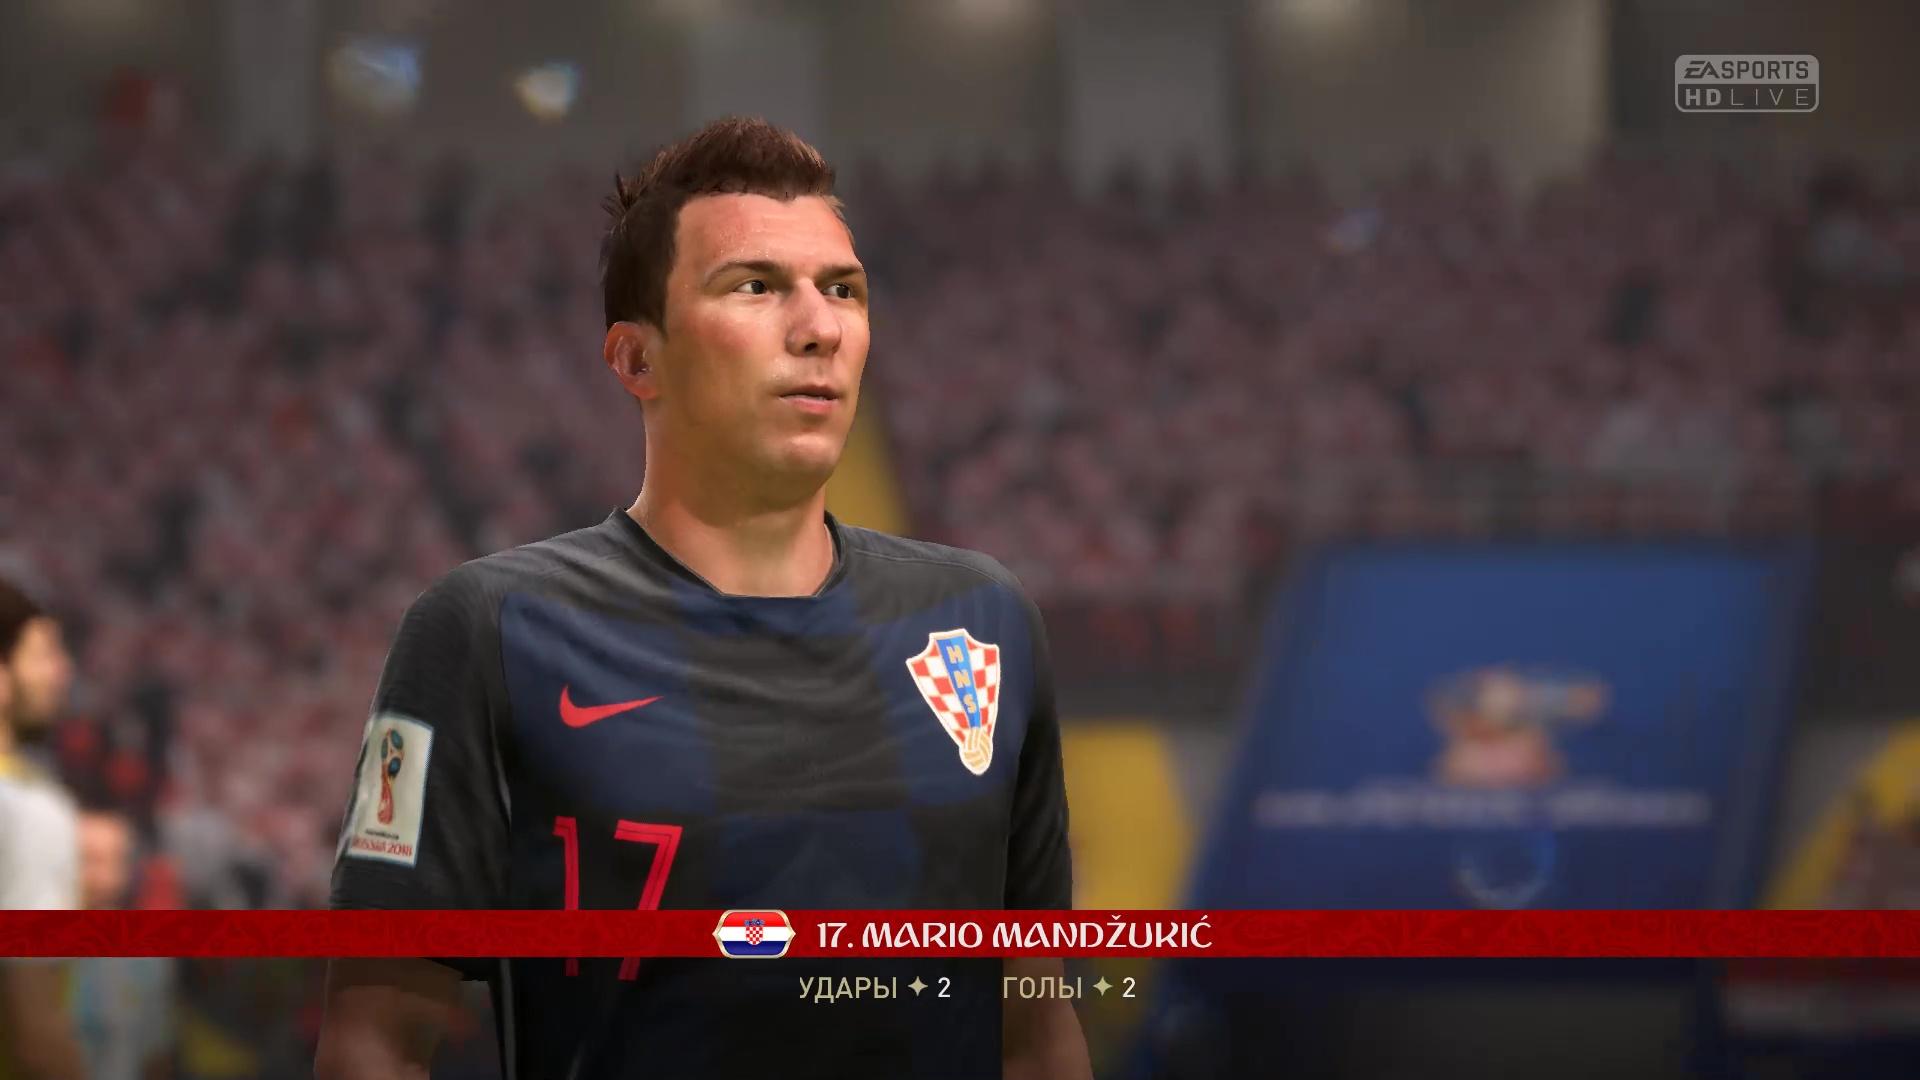 Скрин Манджукича, забившего 2 гола